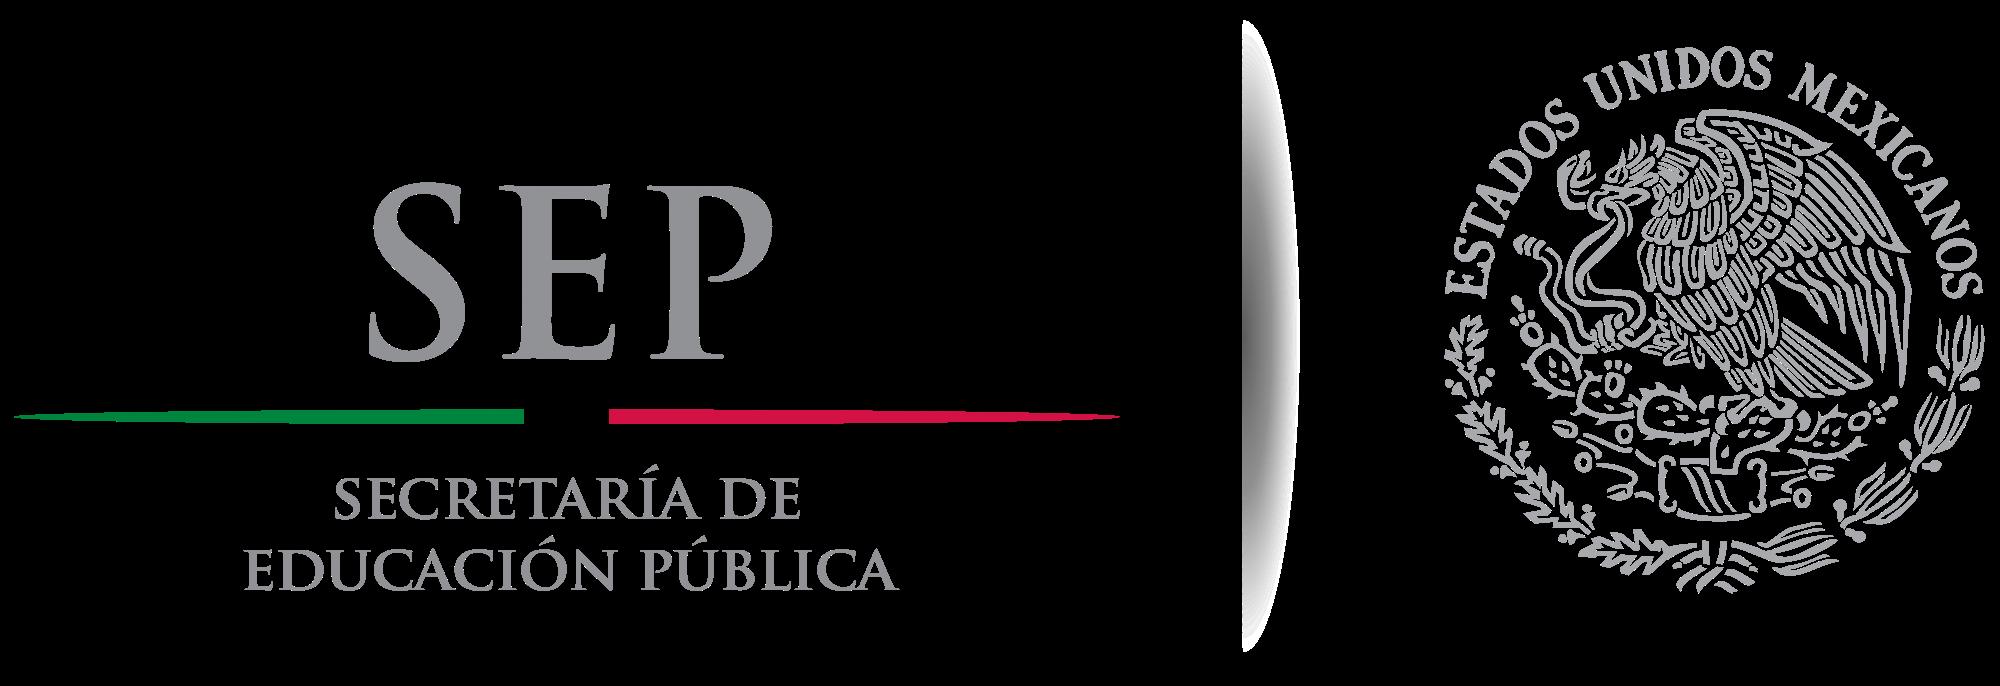 ISEP Título SEP - Educación